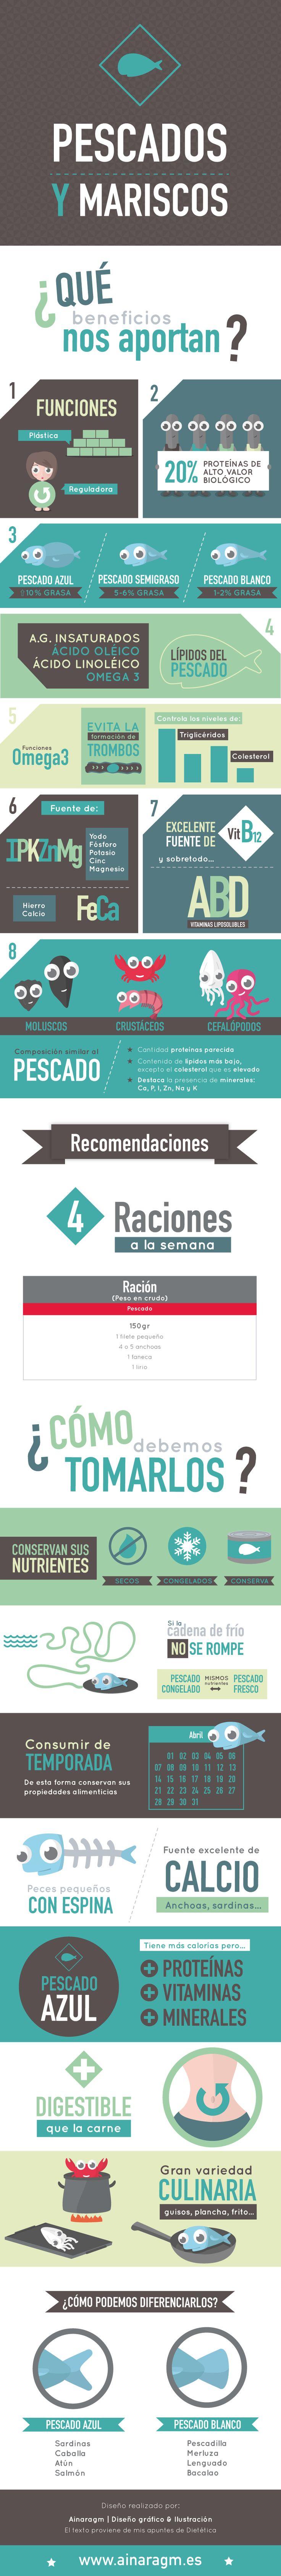 Infografía sobre dietética PESCADO Y MARISCO #dietetica #alimentacion #salud #infografia #diseno #ilustracion